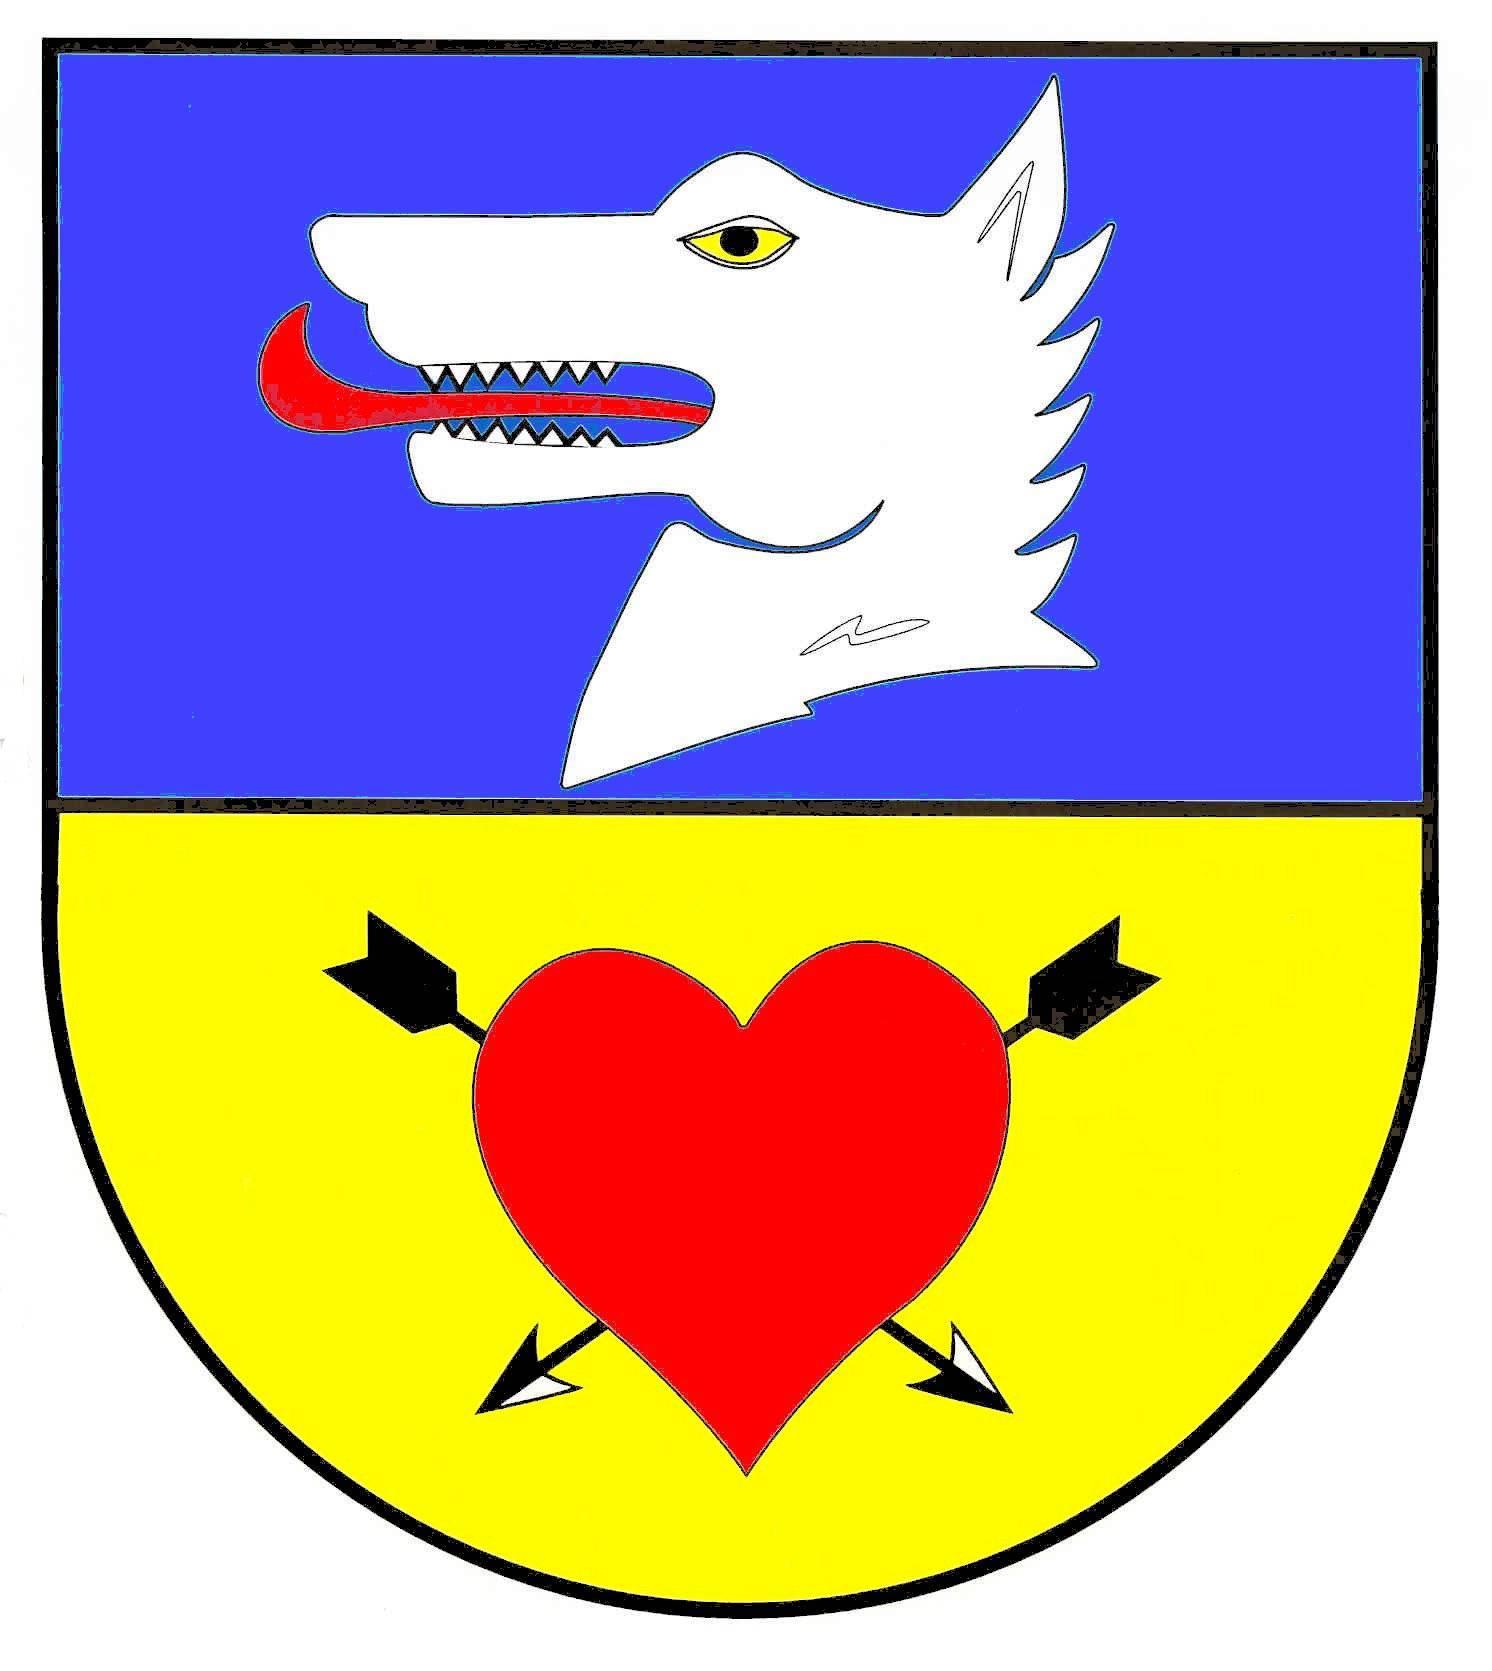 Wappen GemeindeDollerup, Kreis Schleswig-Flensburg